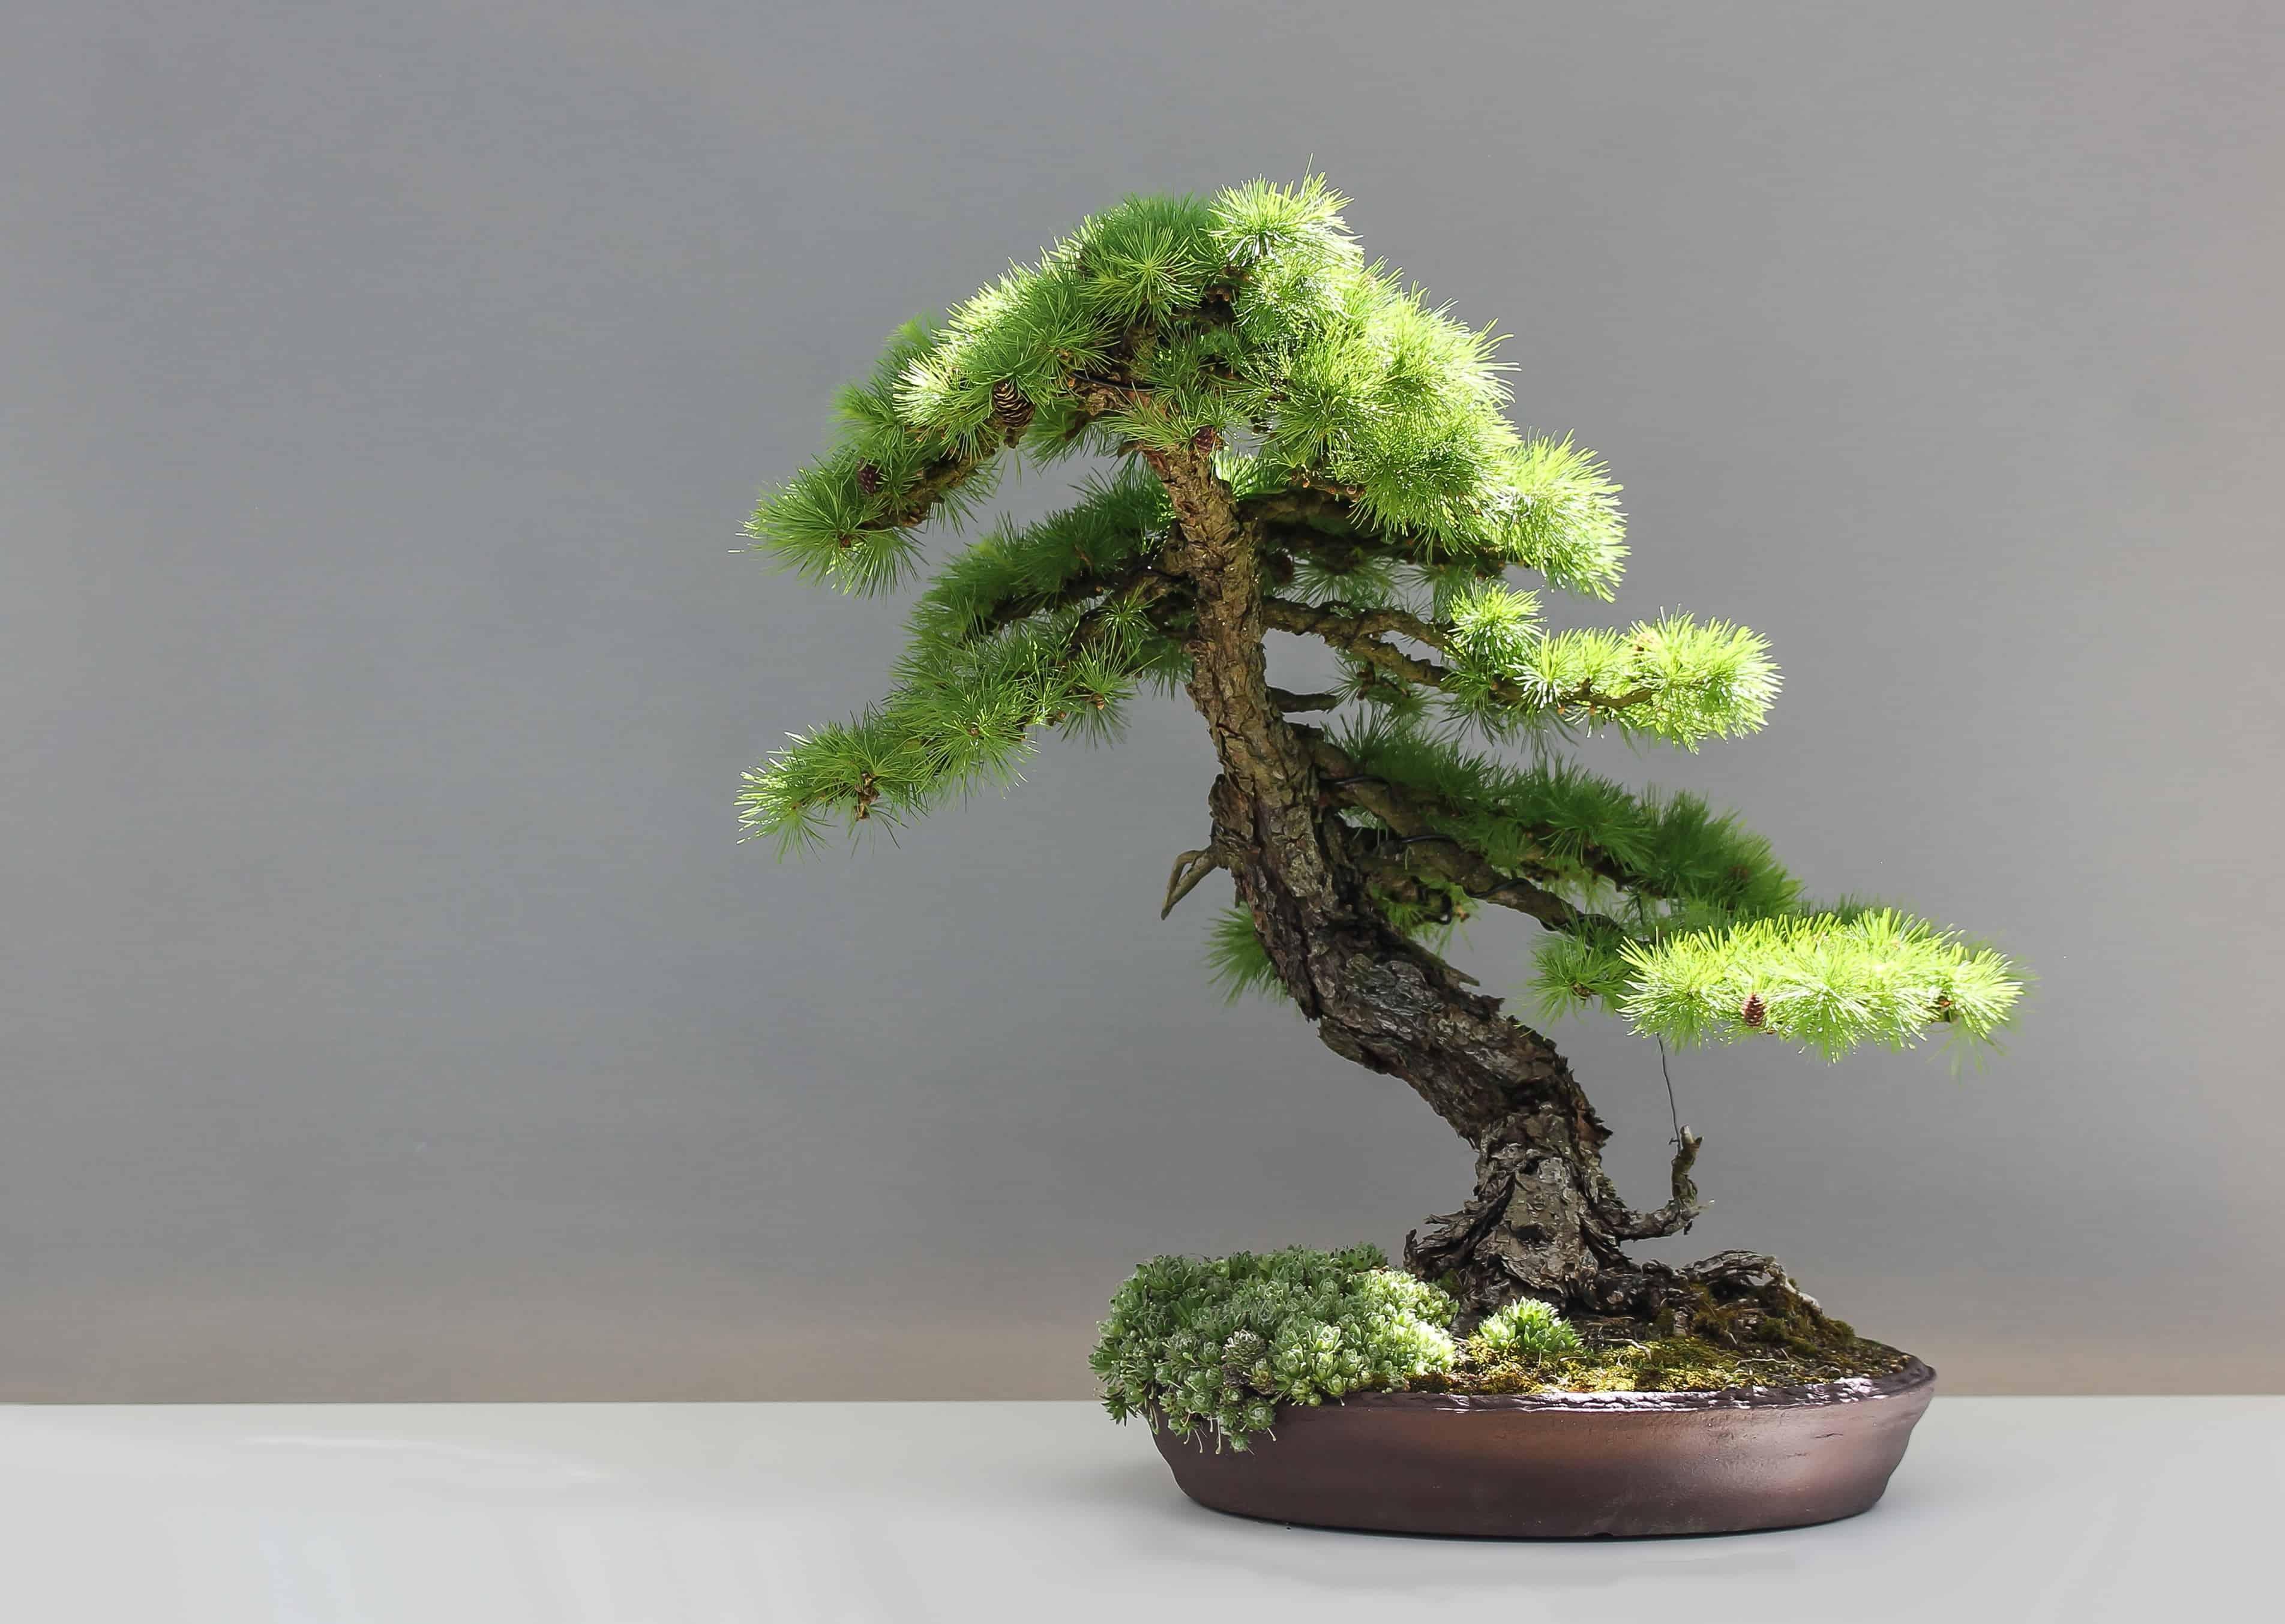 Plantas hoja perenne exterior best que puede tolerar algo - Plantas perennes exterior ...